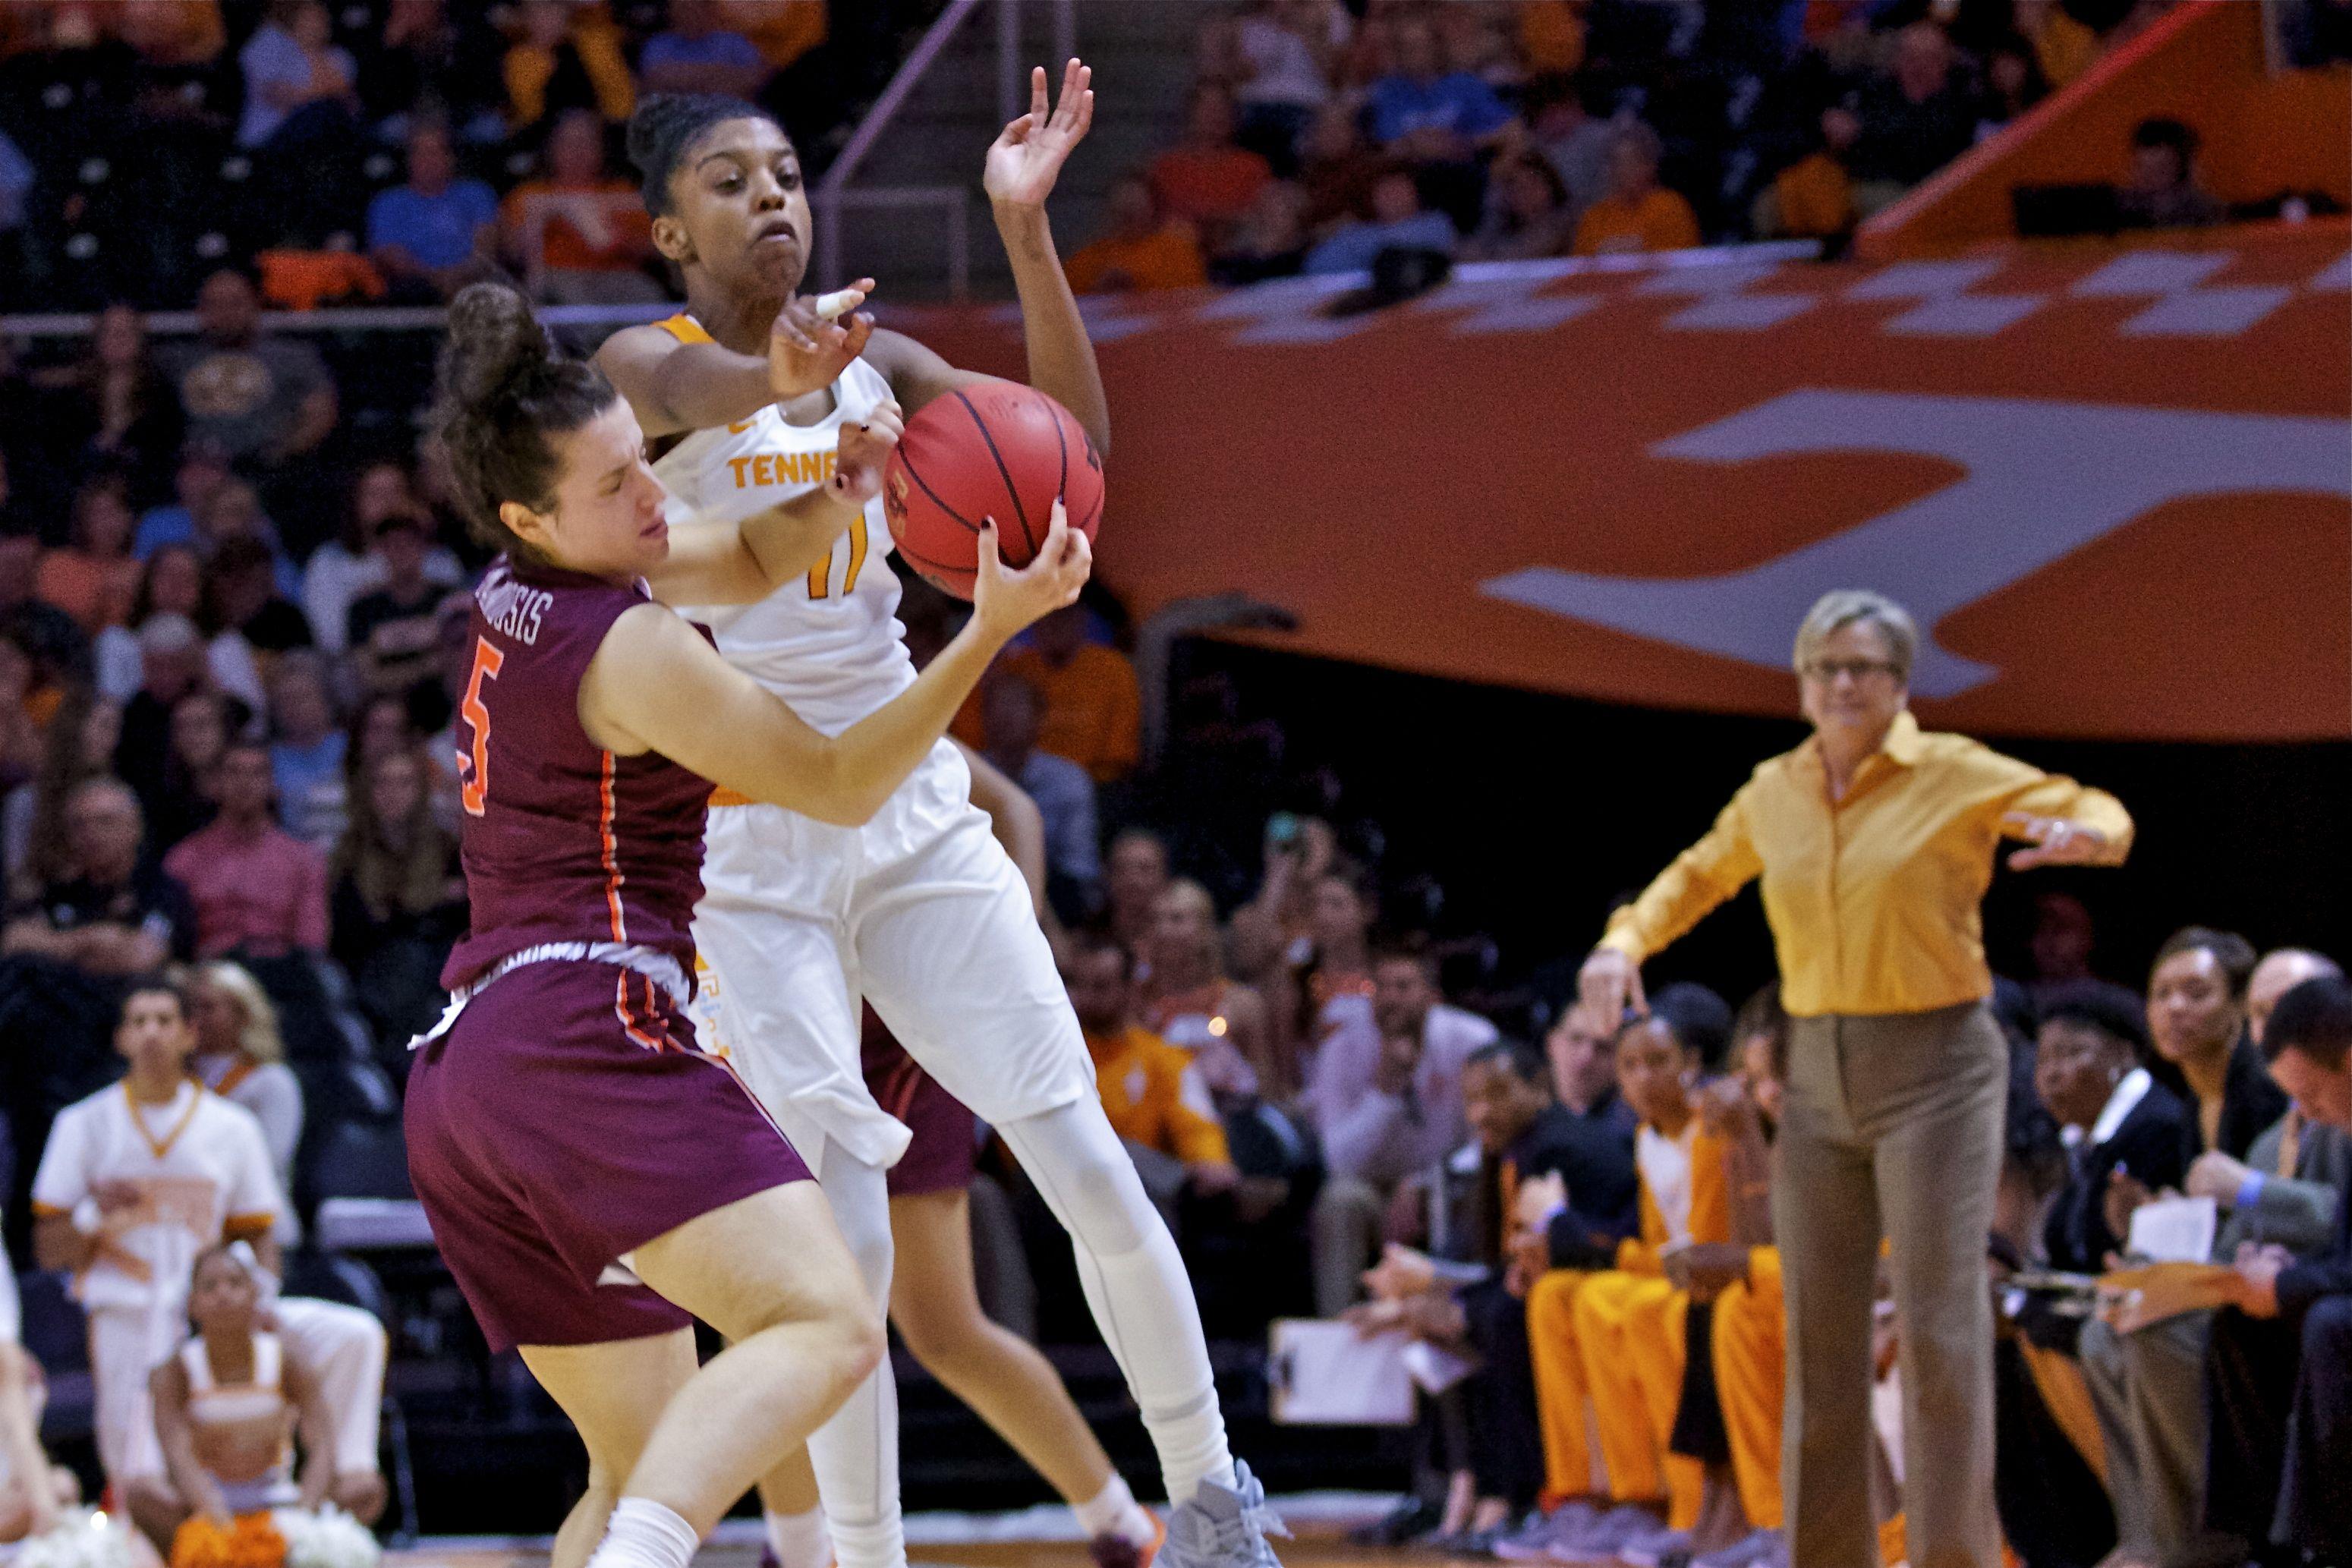 Photo Gallery: Lady Vols vs. Virginia Tech 11-06-15